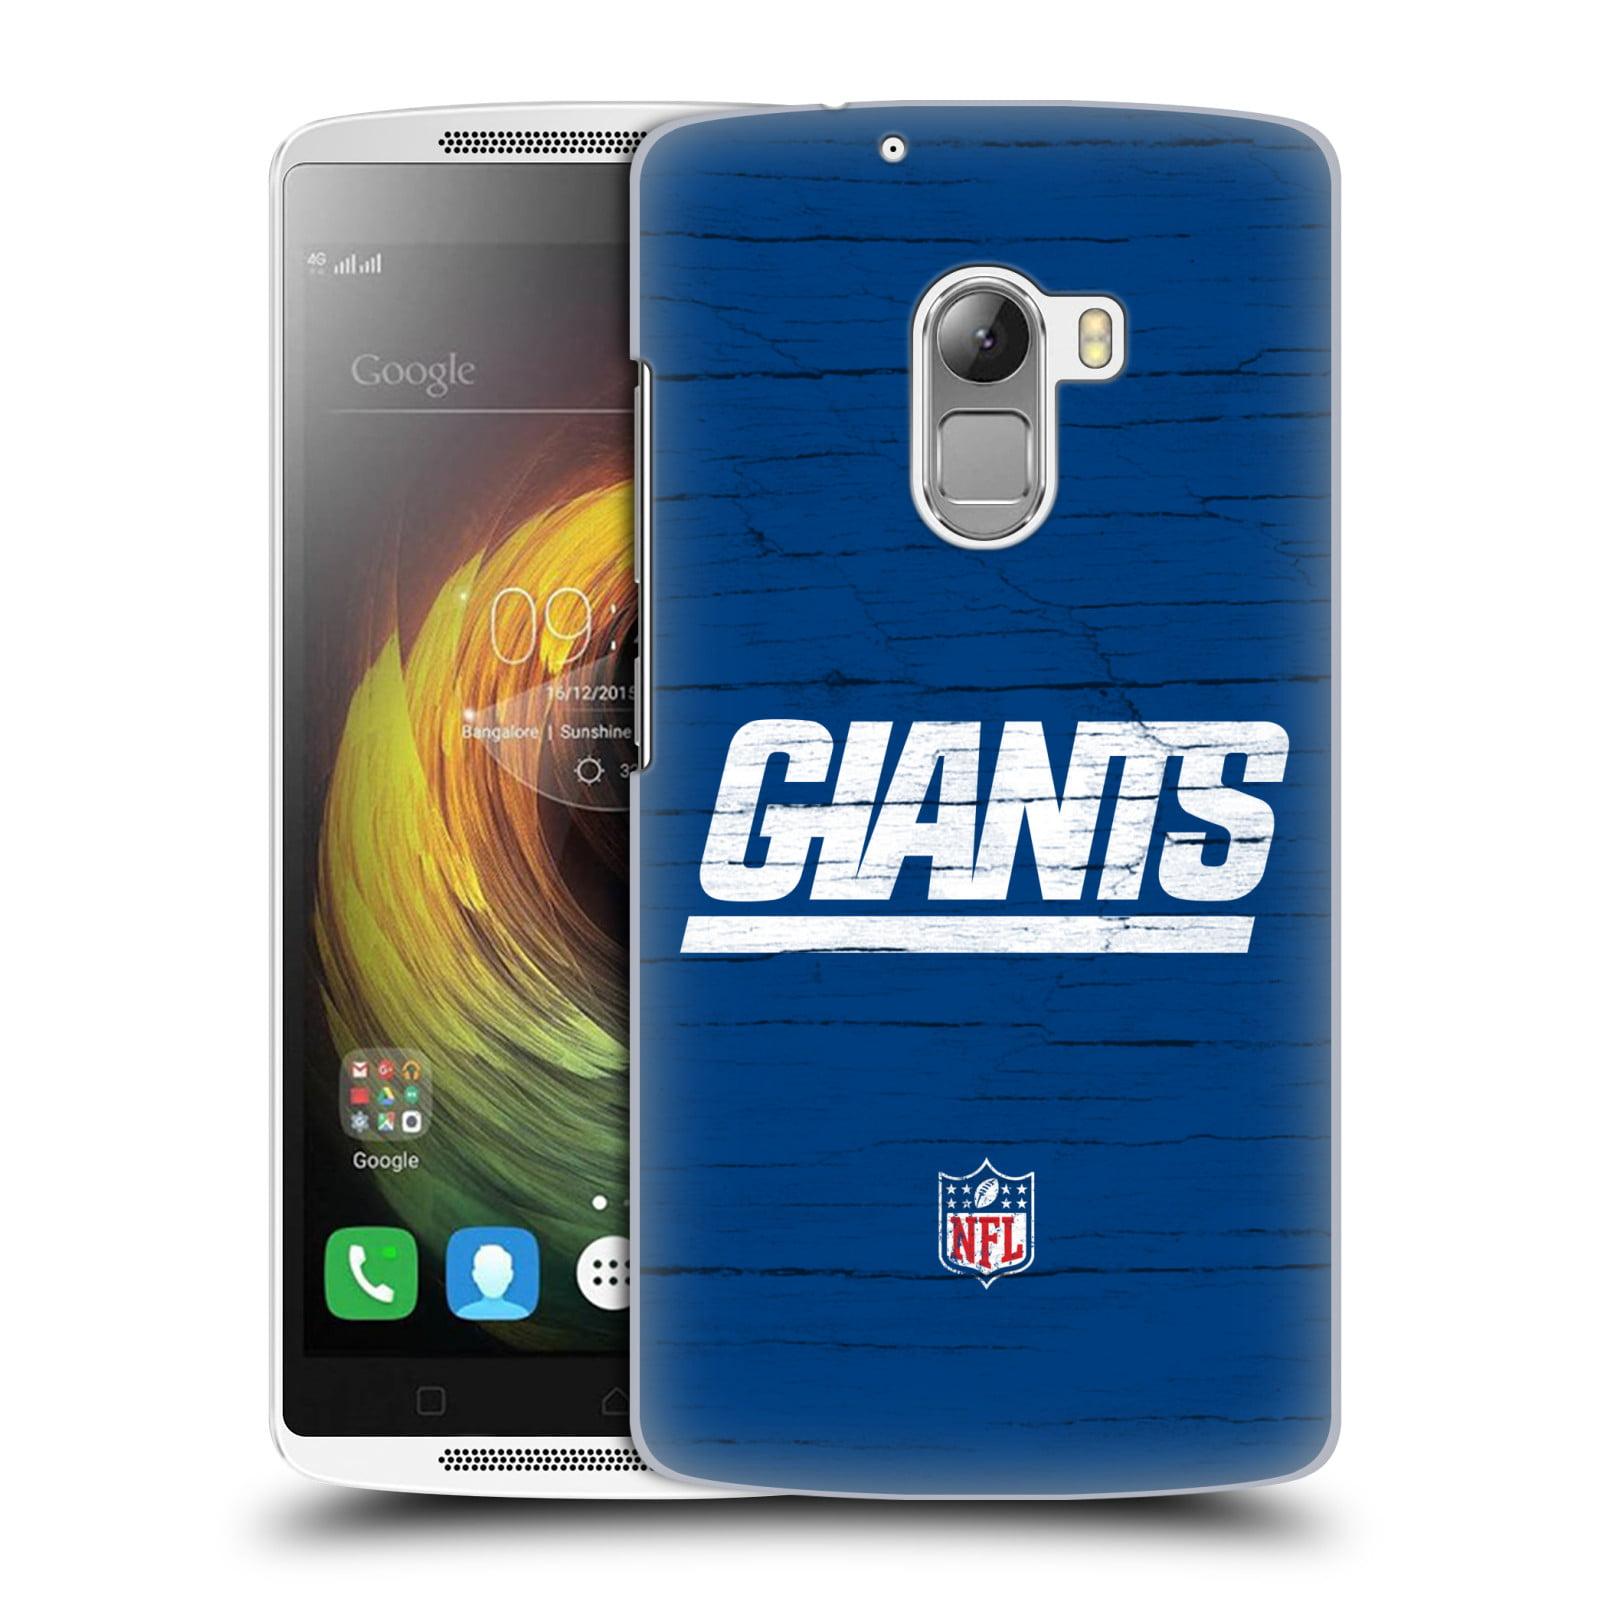 OFFICIAL NFL NEW YORK GIANTS LOGO HARD BACK CASE FOR LENOVO PHONES